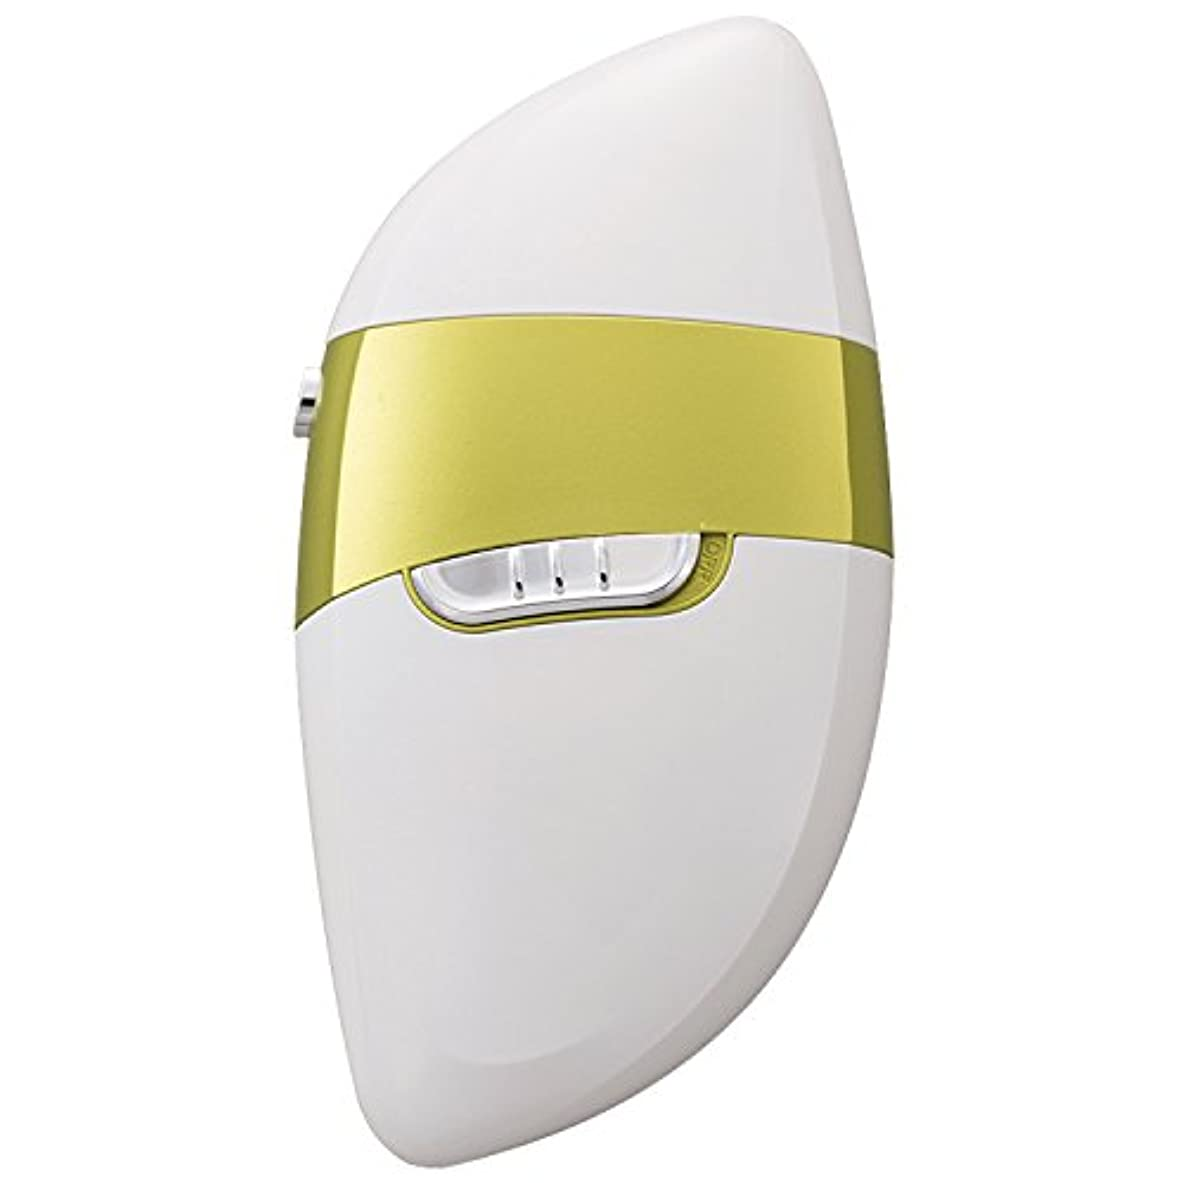 良さデザート分離するマリン商事 電動爪切り Leaf 角質ローラー付 EL-50176